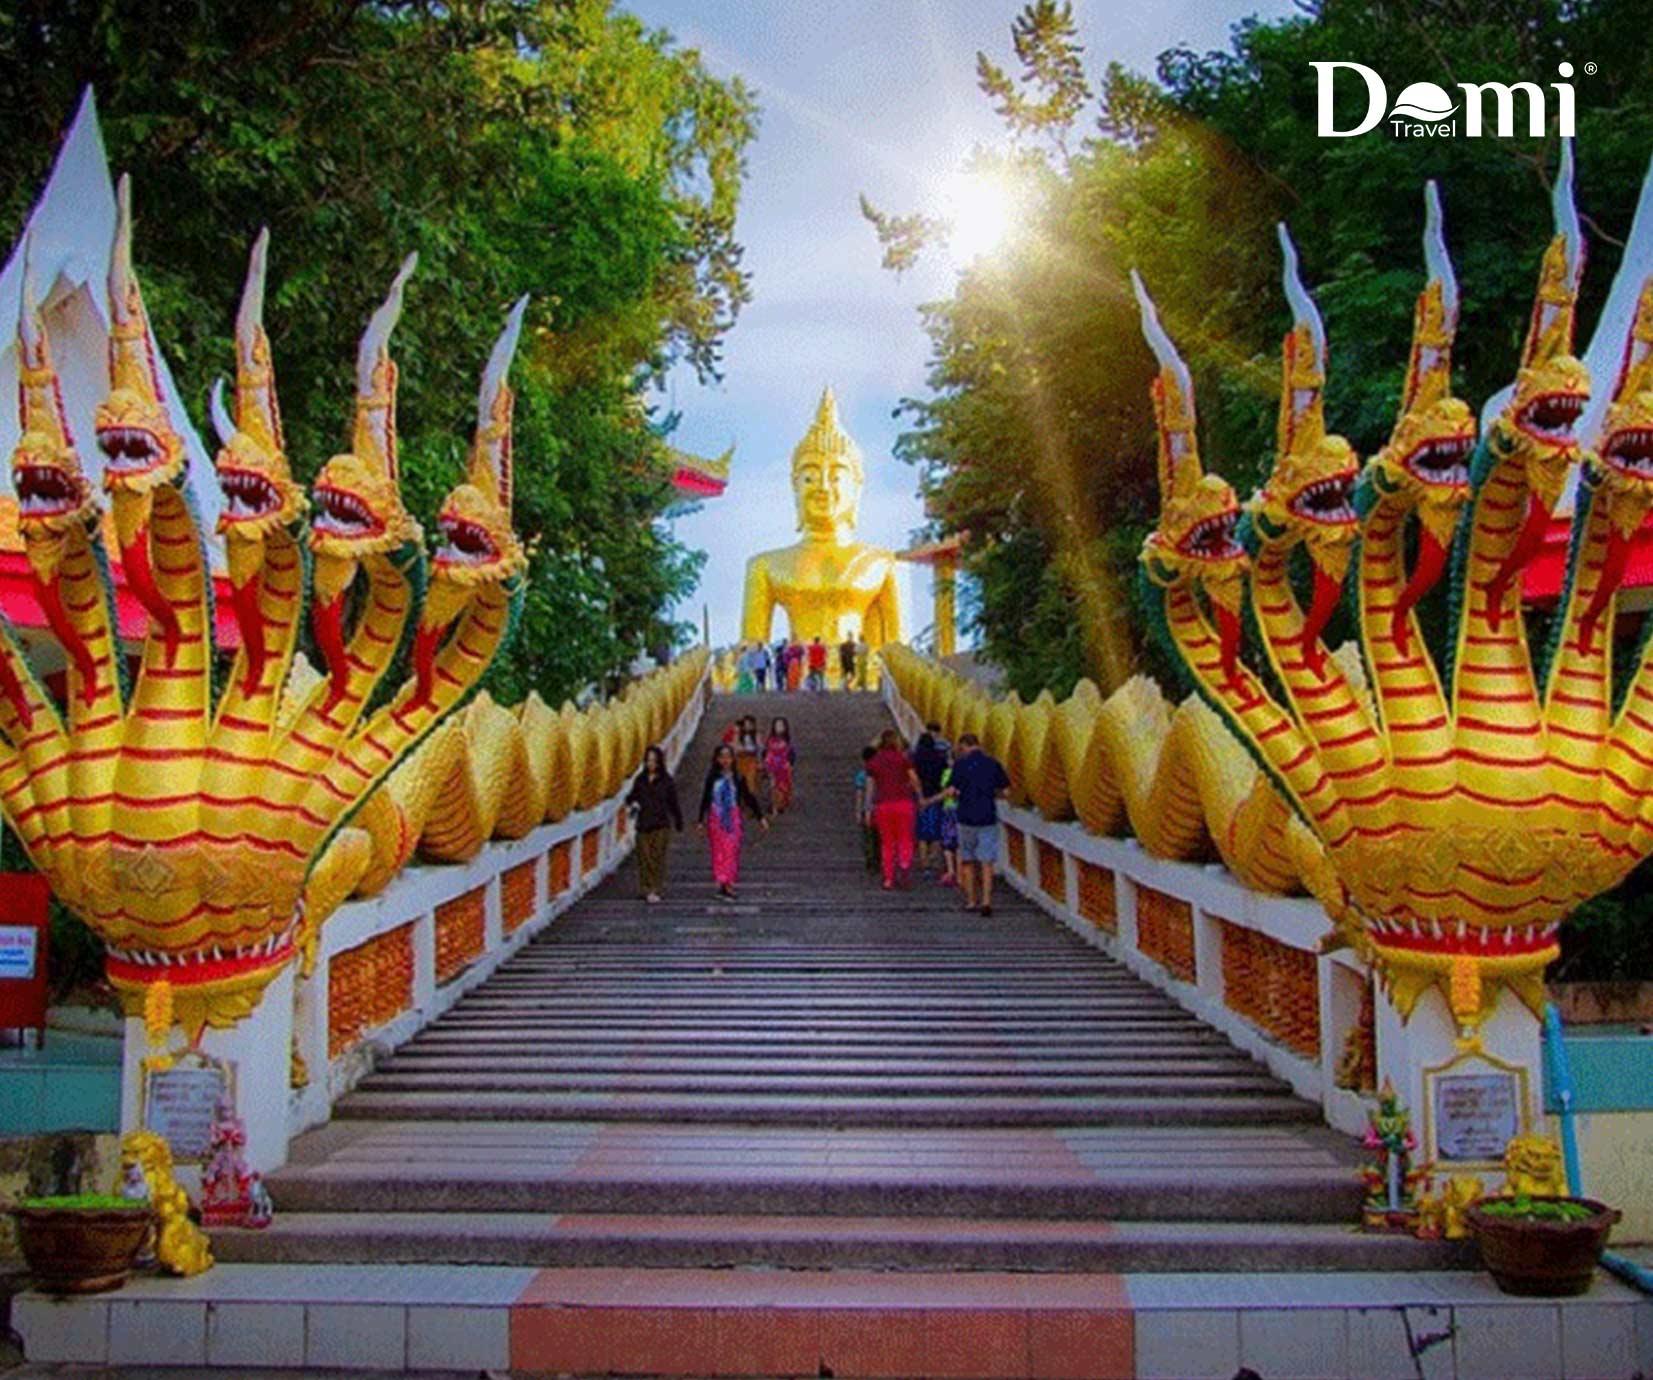 Tour Du Lịch Thái Lan Bangkok - Pattaya 5N4Đ